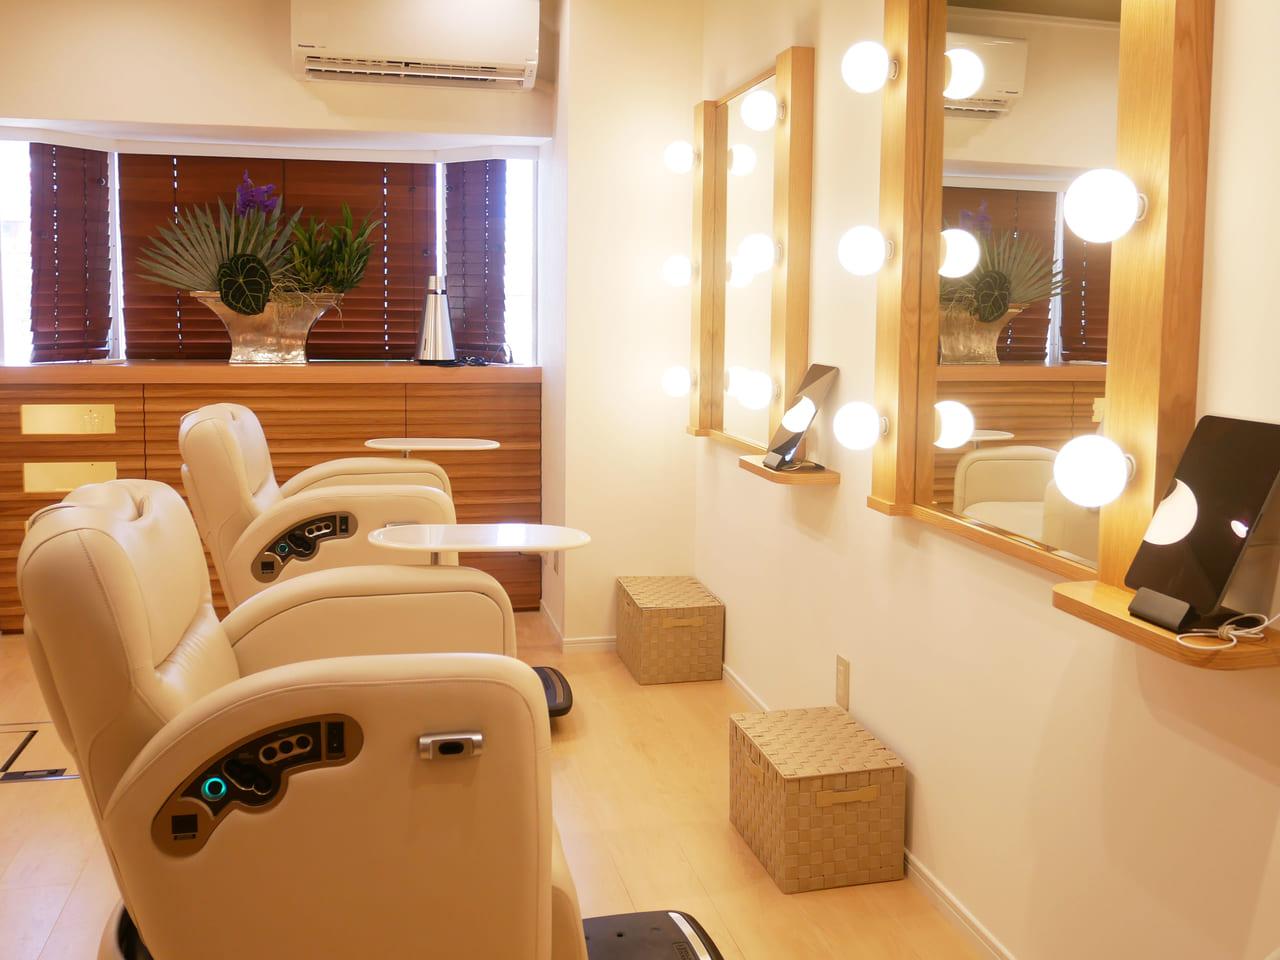 ミネコラ直営美容室 Minecolla salon AVE